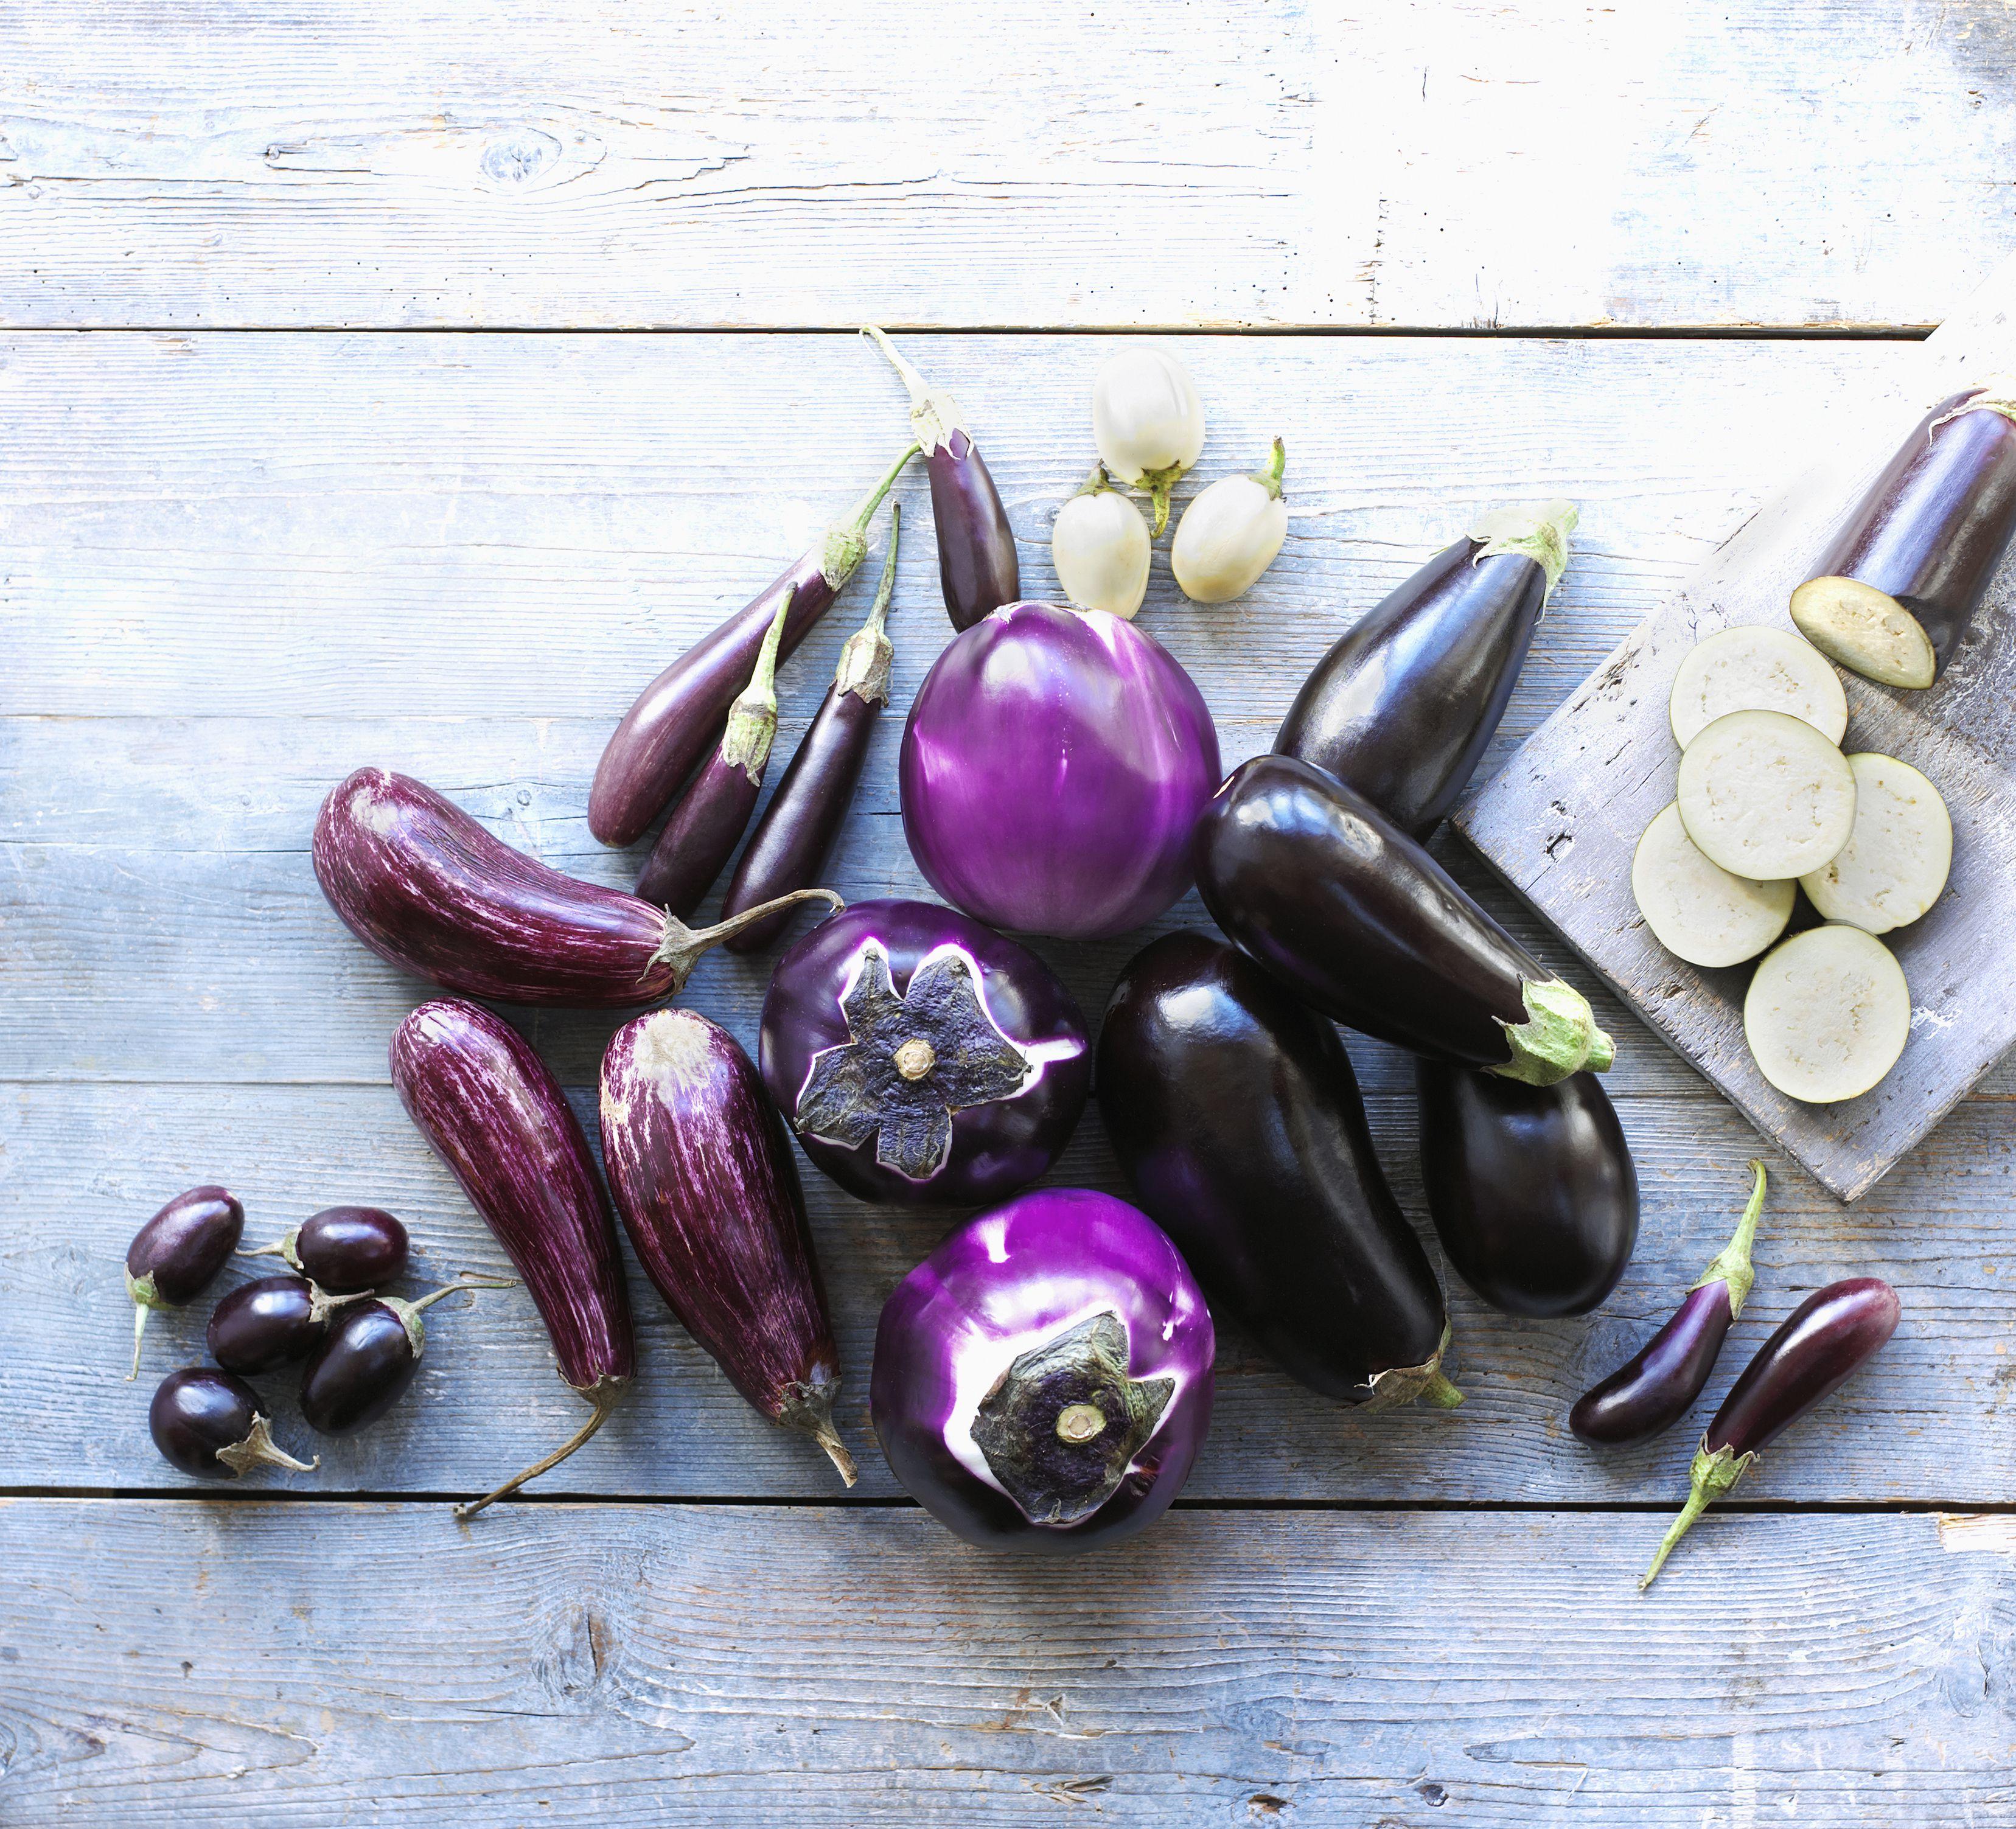 Selection of aubergines, striped Italian, medium round, small, white Italian, Violetta di Firenze, large purple